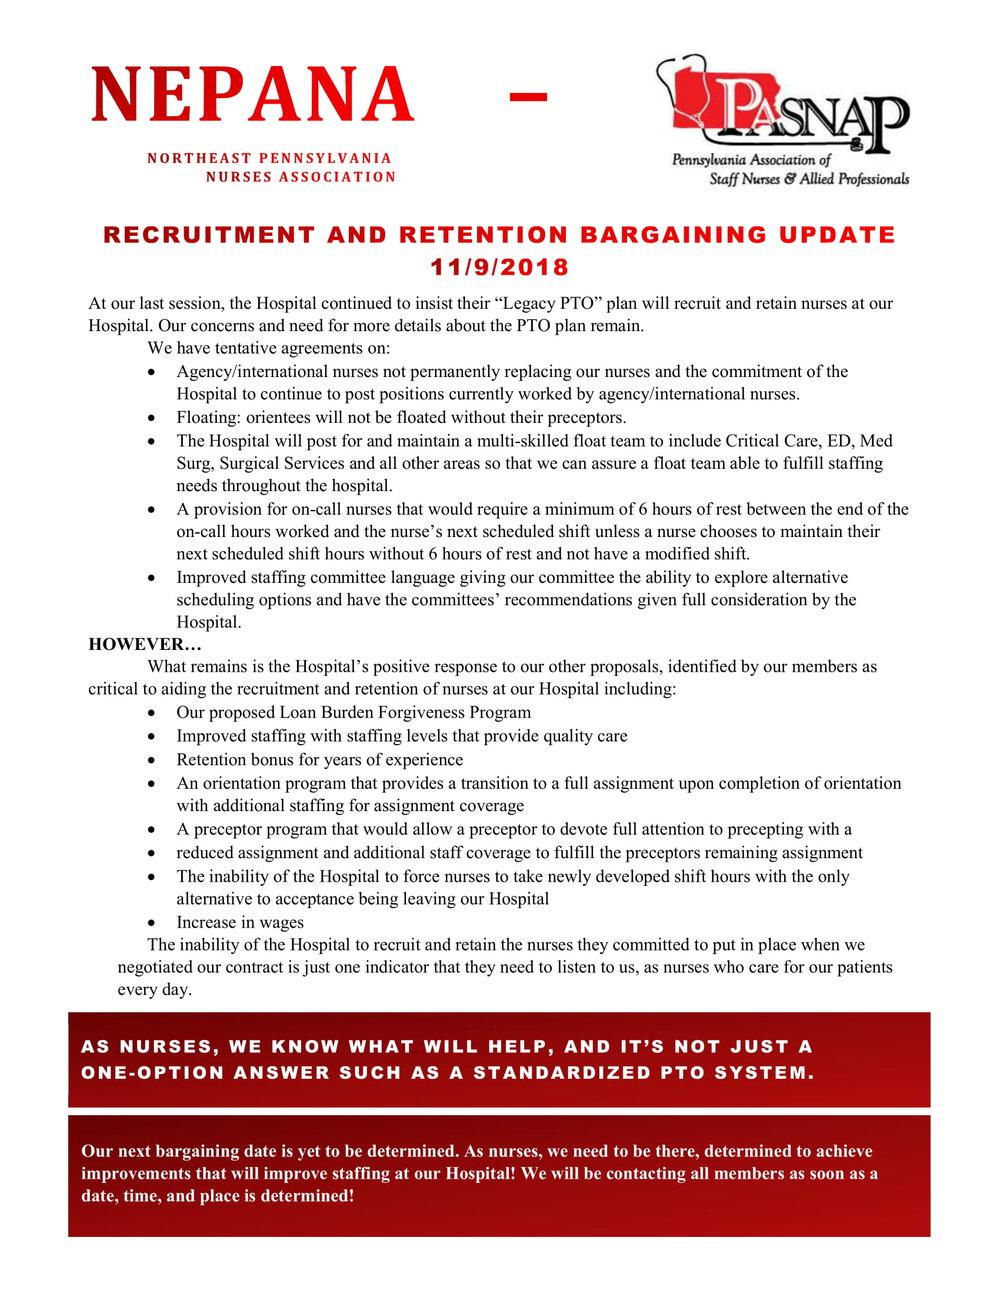 NEPANA 11-9 Bargaining Update-1.jpg